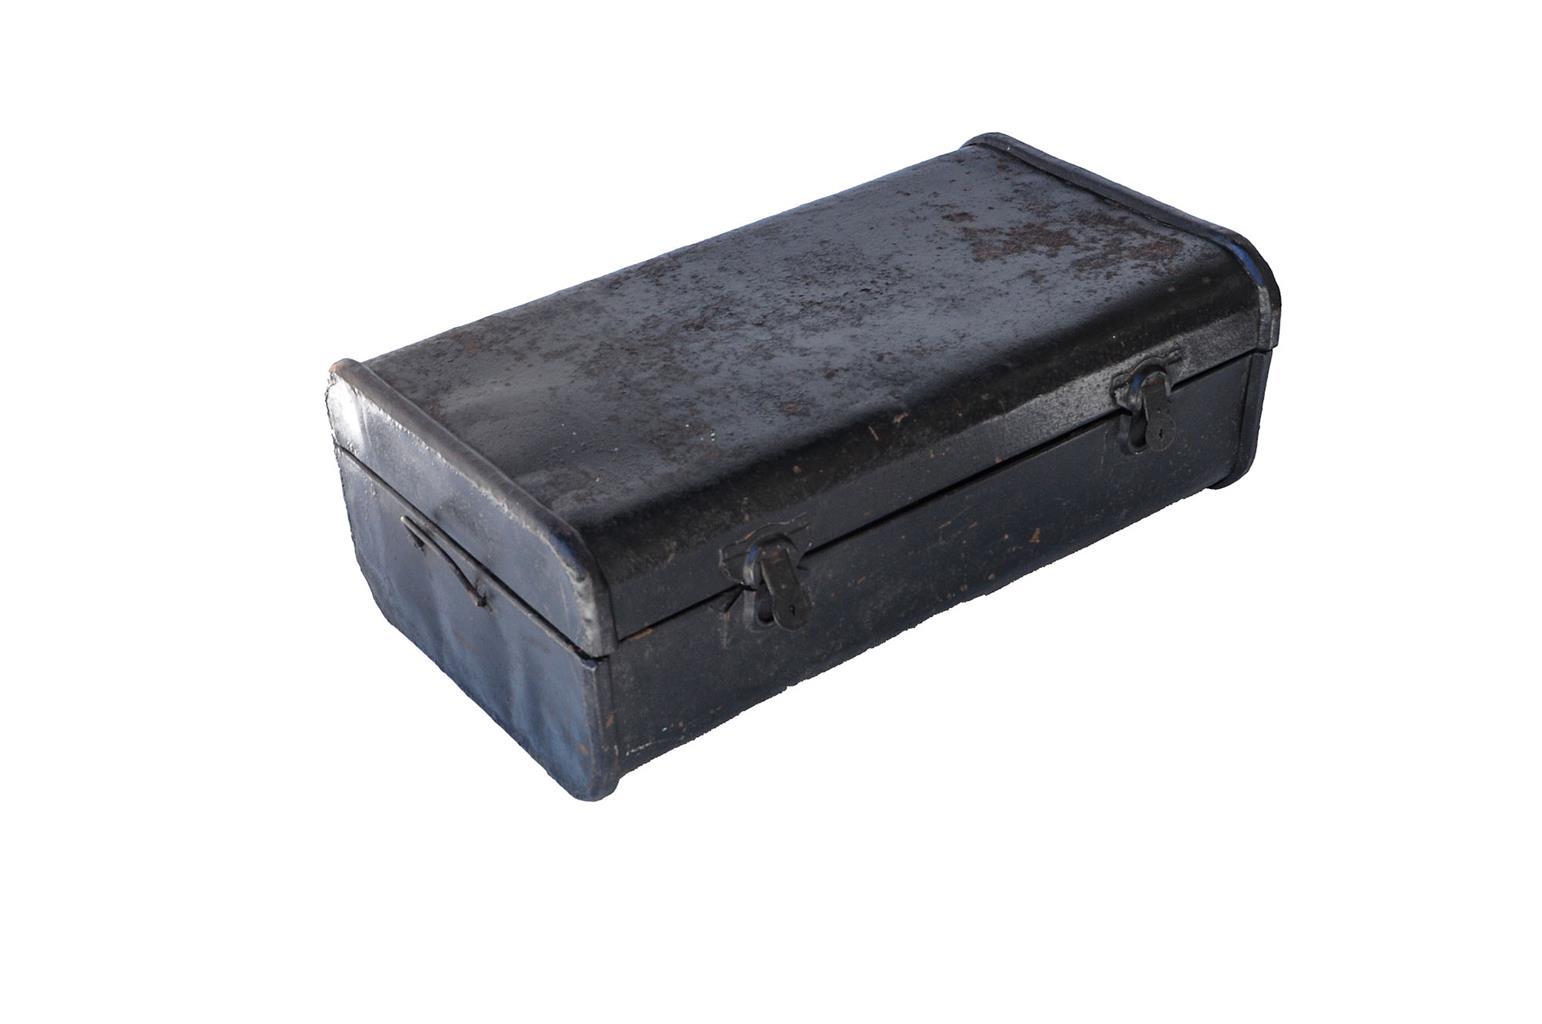 Vintage Metal Trunk - SKU 840